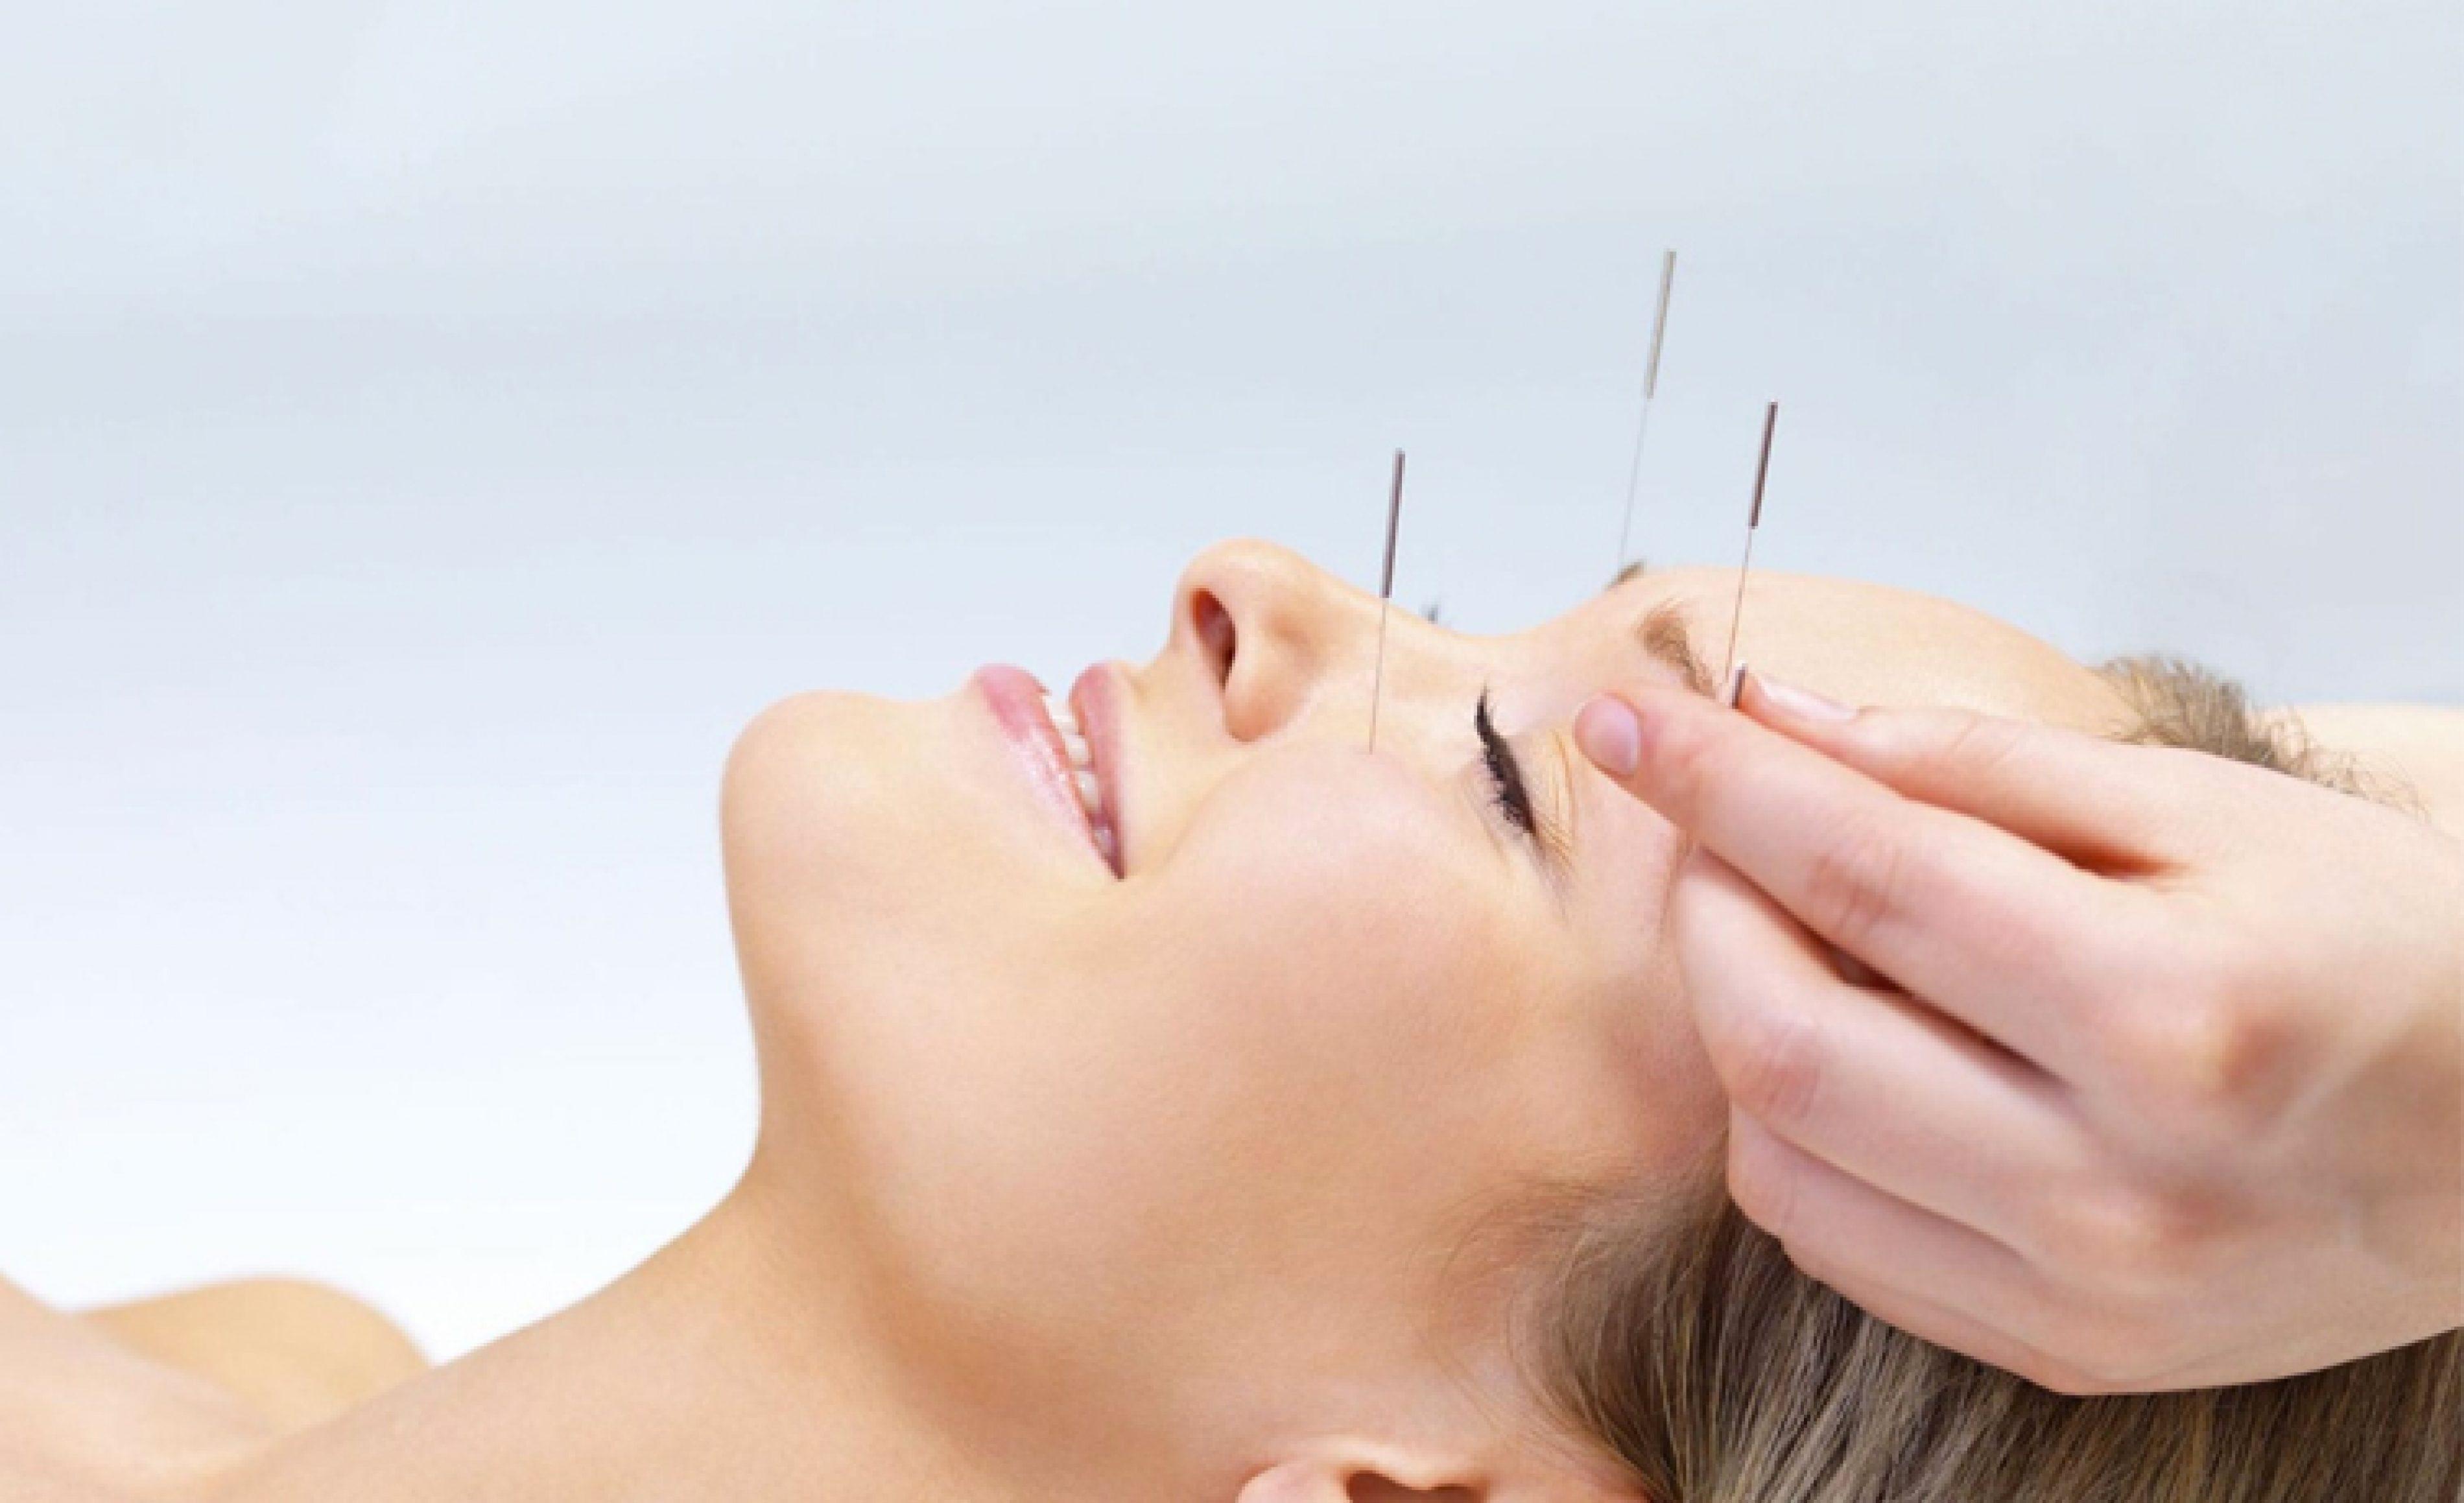 akupunktur-un-zararlari-nelerdir-akupunktur-da-dikkat-edilmesi-gerekenler-nelerdir-3800x2318_c